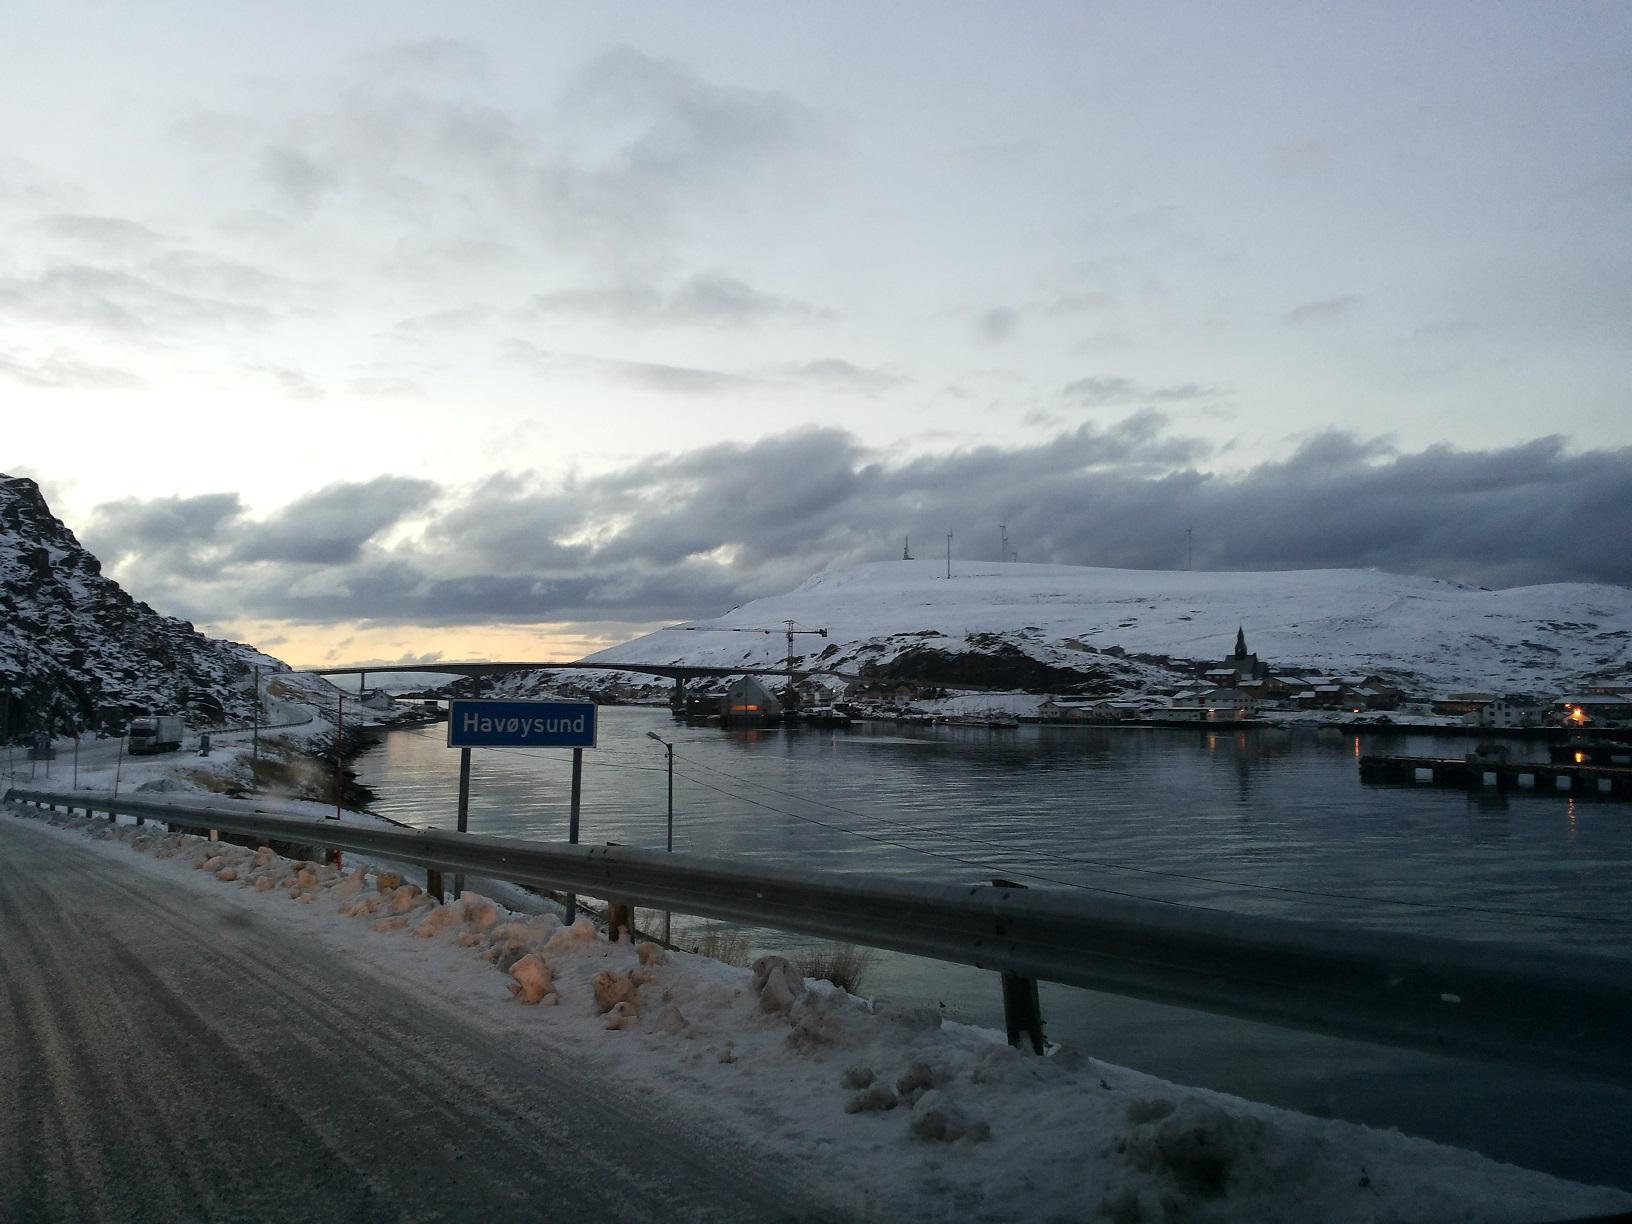 Havøysund1